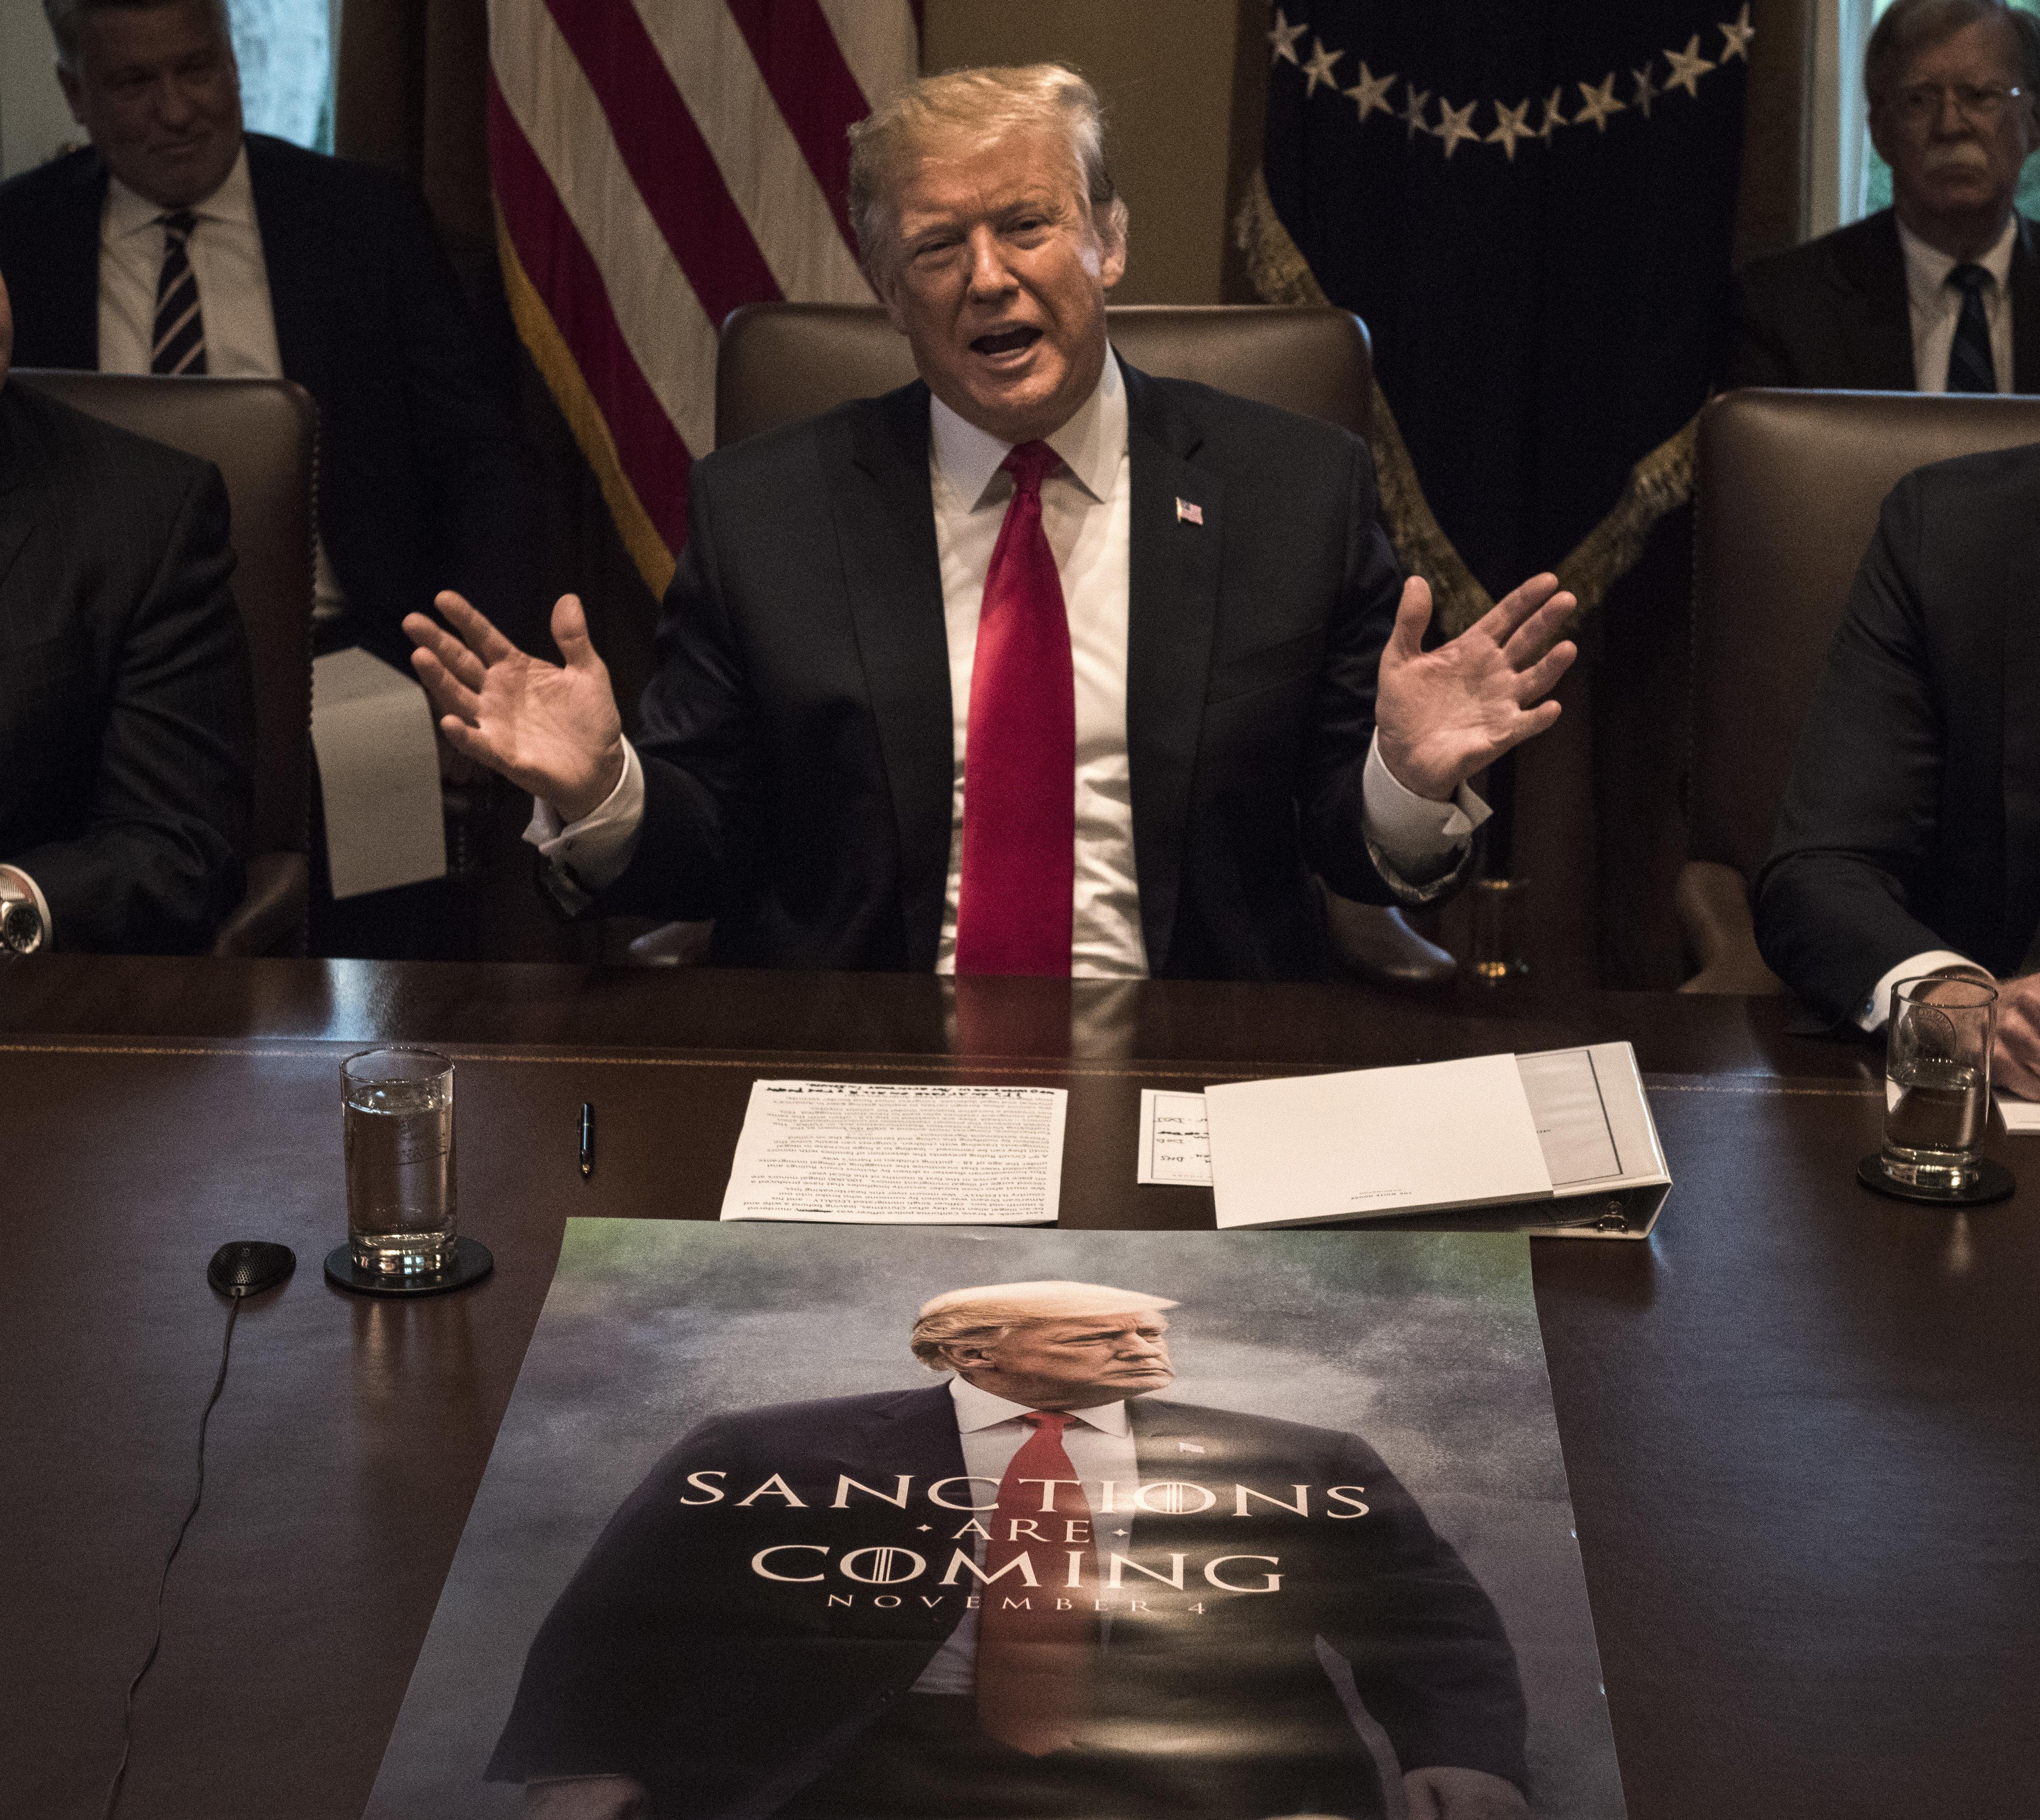 Trump von der Rolle: Die 8 wahnwitzigsten Momente seiner